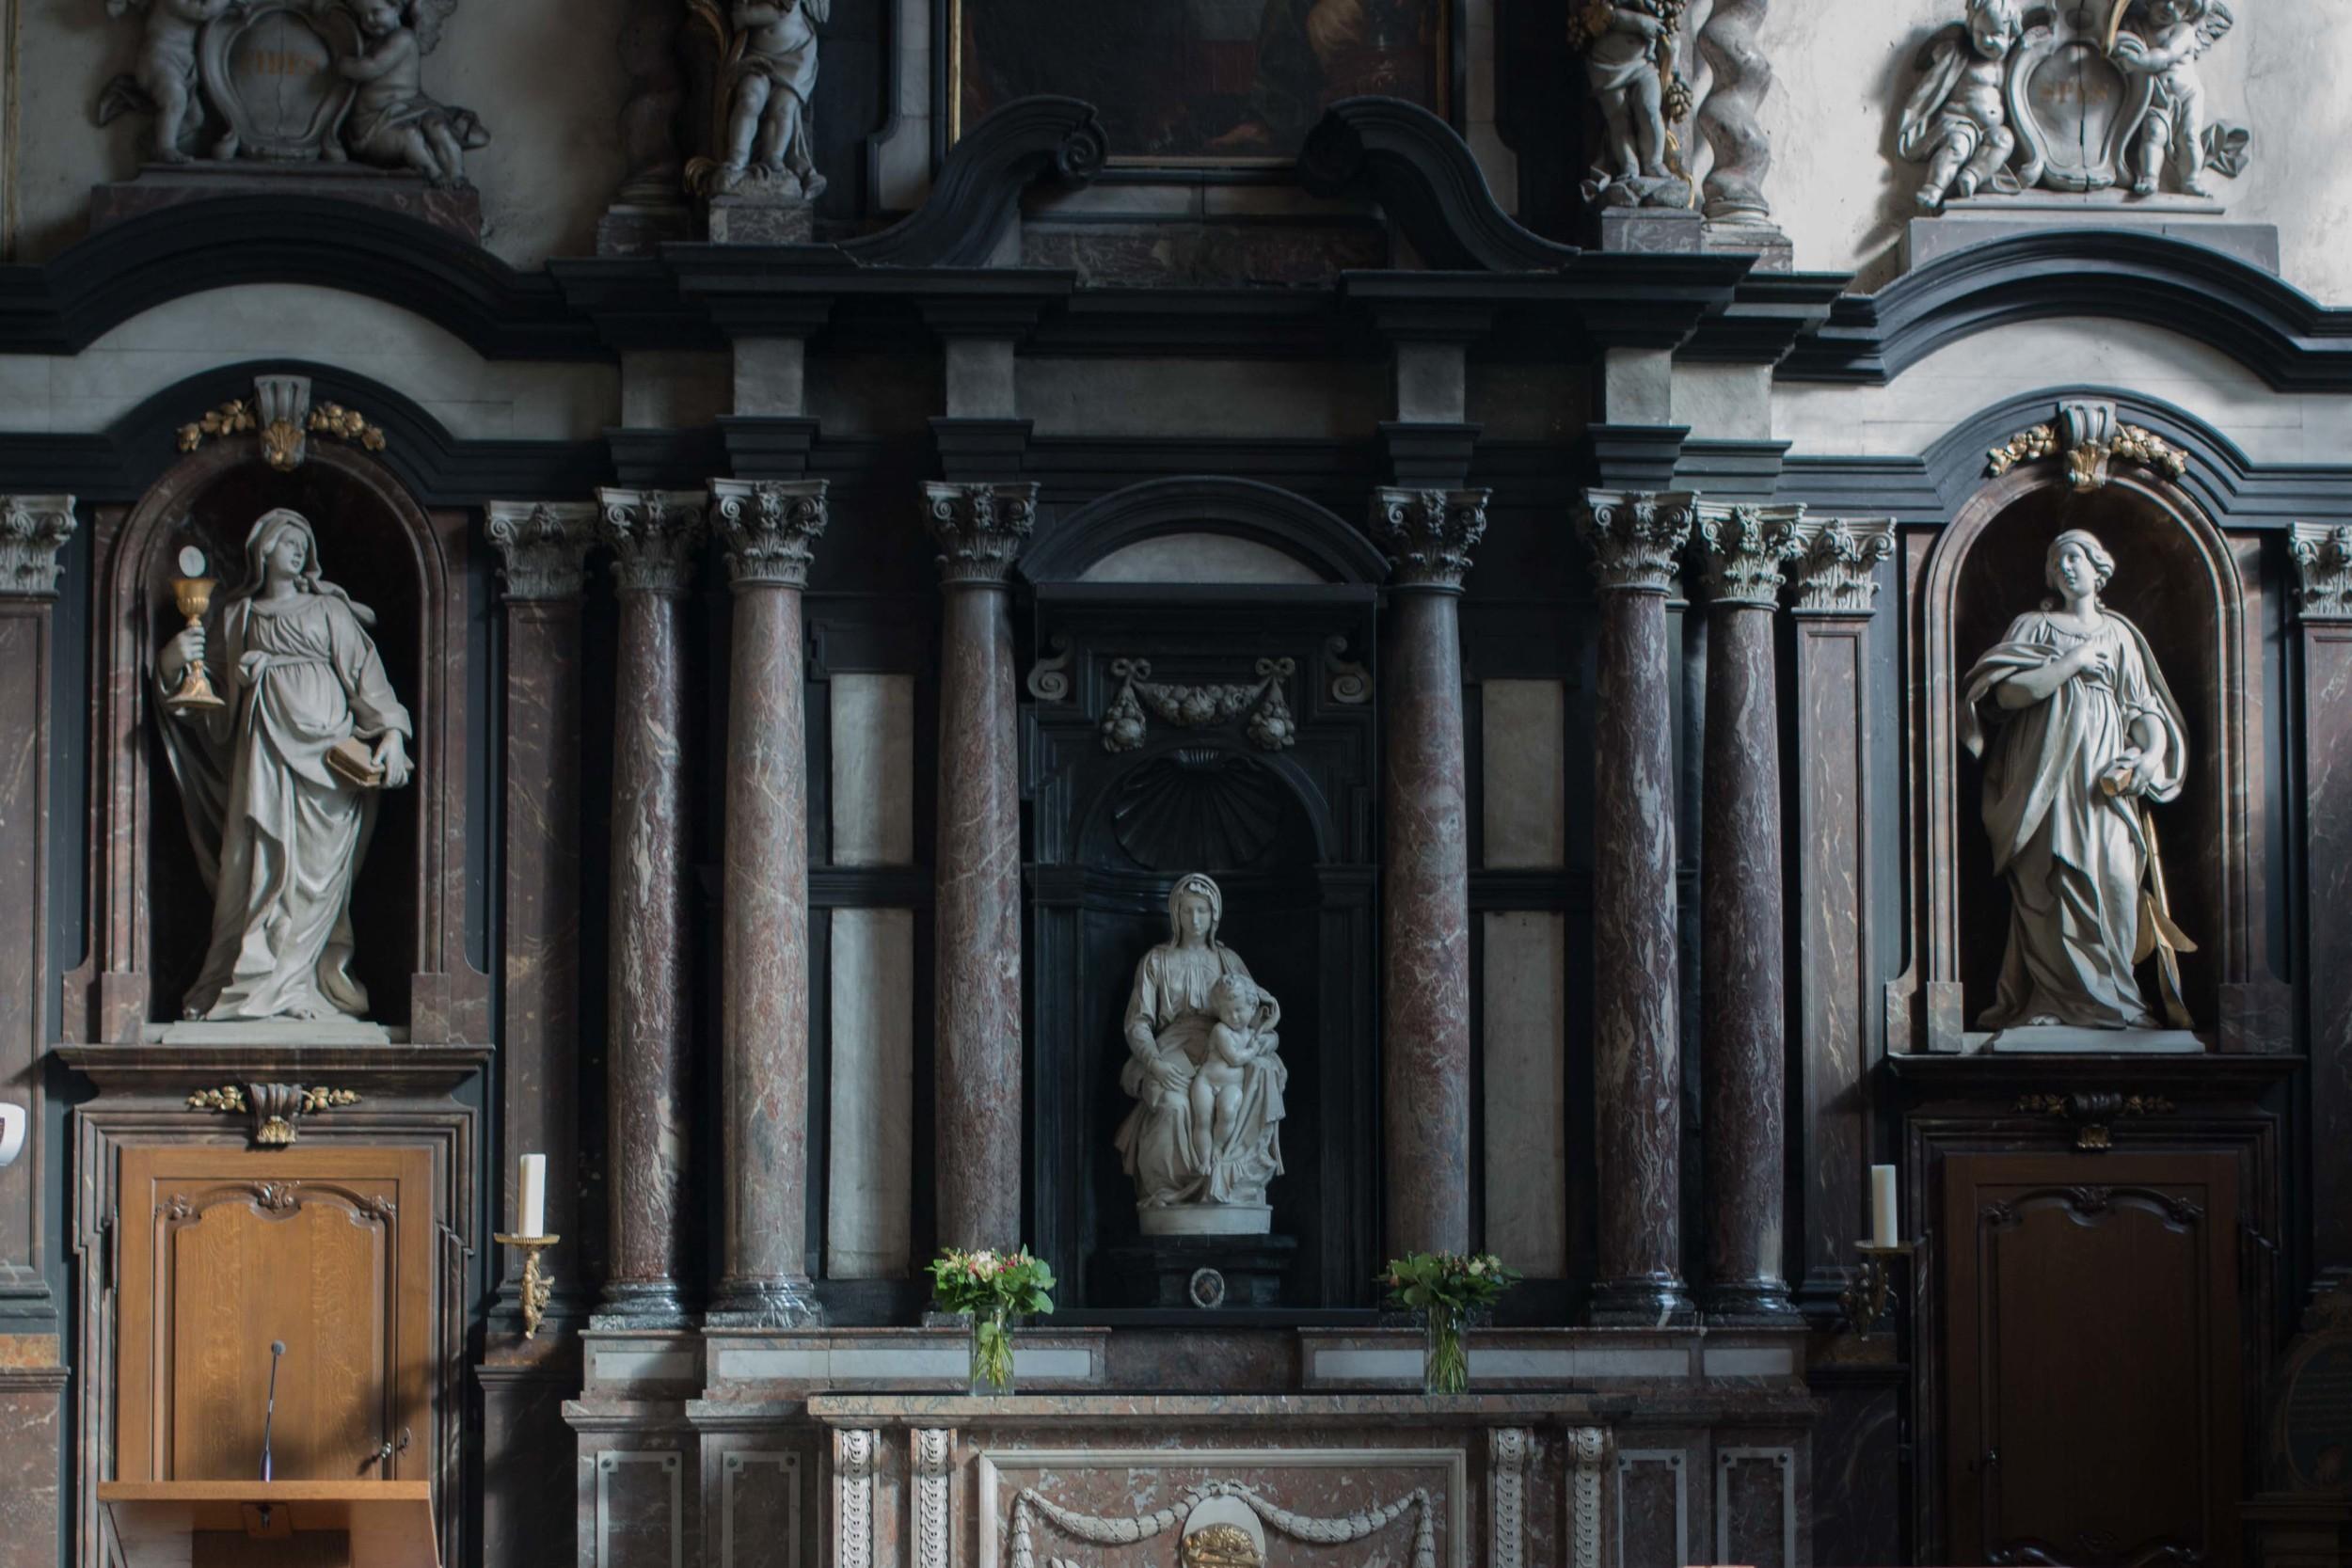 The Brugge Madonna